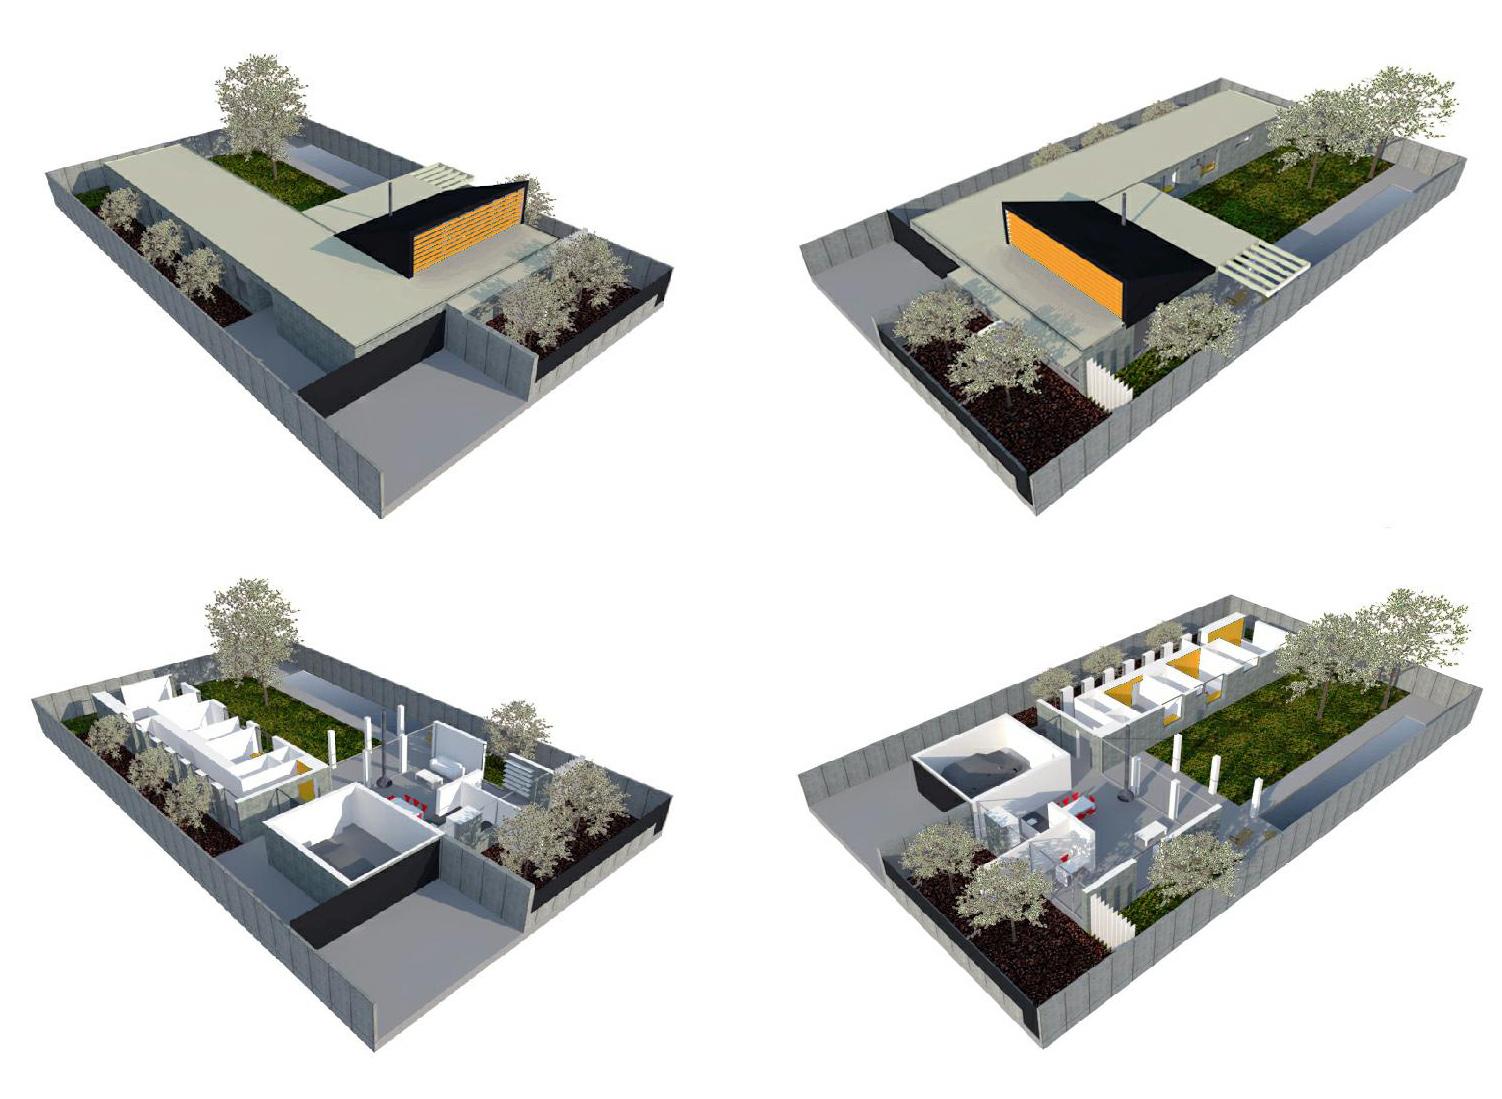 Vivienda Unifamiliar en Madrid, Vivienda Prefabricada en Madrid, Vivienda Modular en Madrid, Vivienda en Hormigón en Madrid , Arquitectura Singular, Arquitectos en Madrid